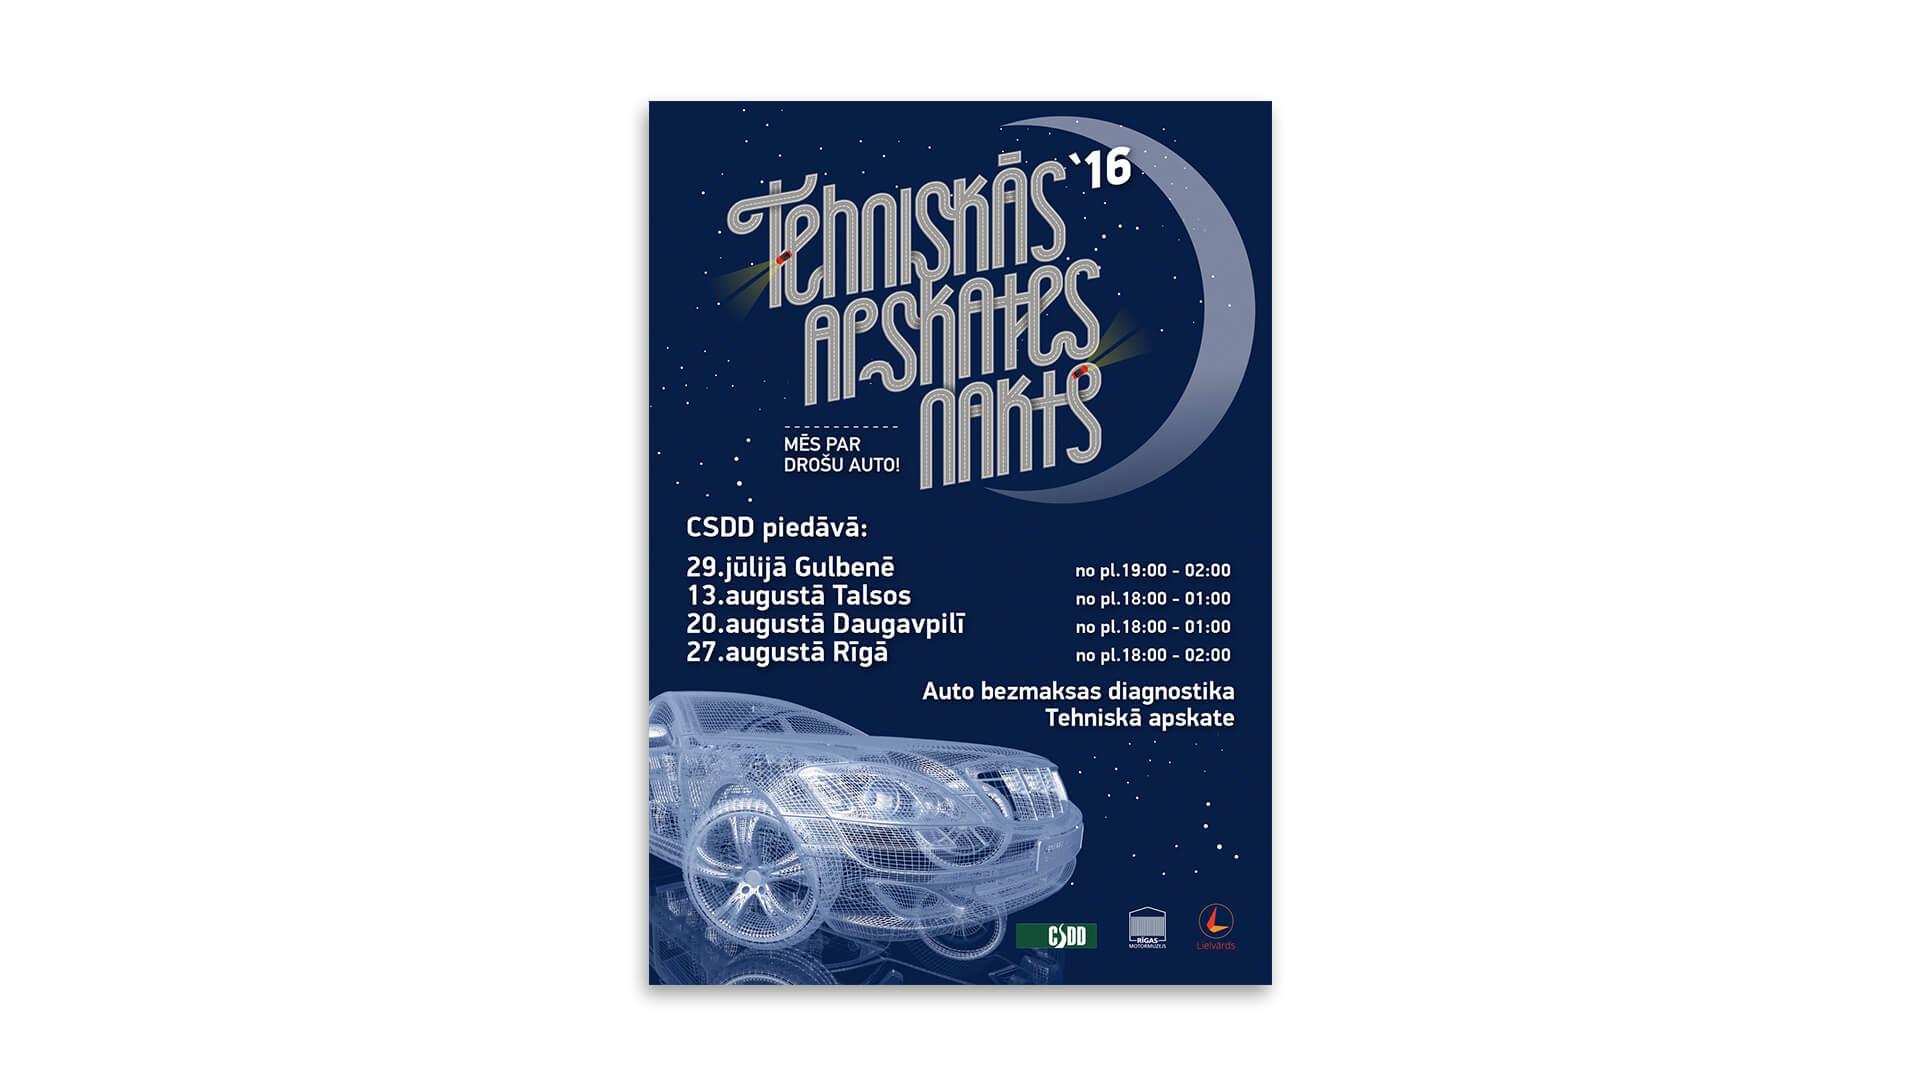 Tehniskas-apskates-nakts-2016-4-pilsetas5_1920x1080